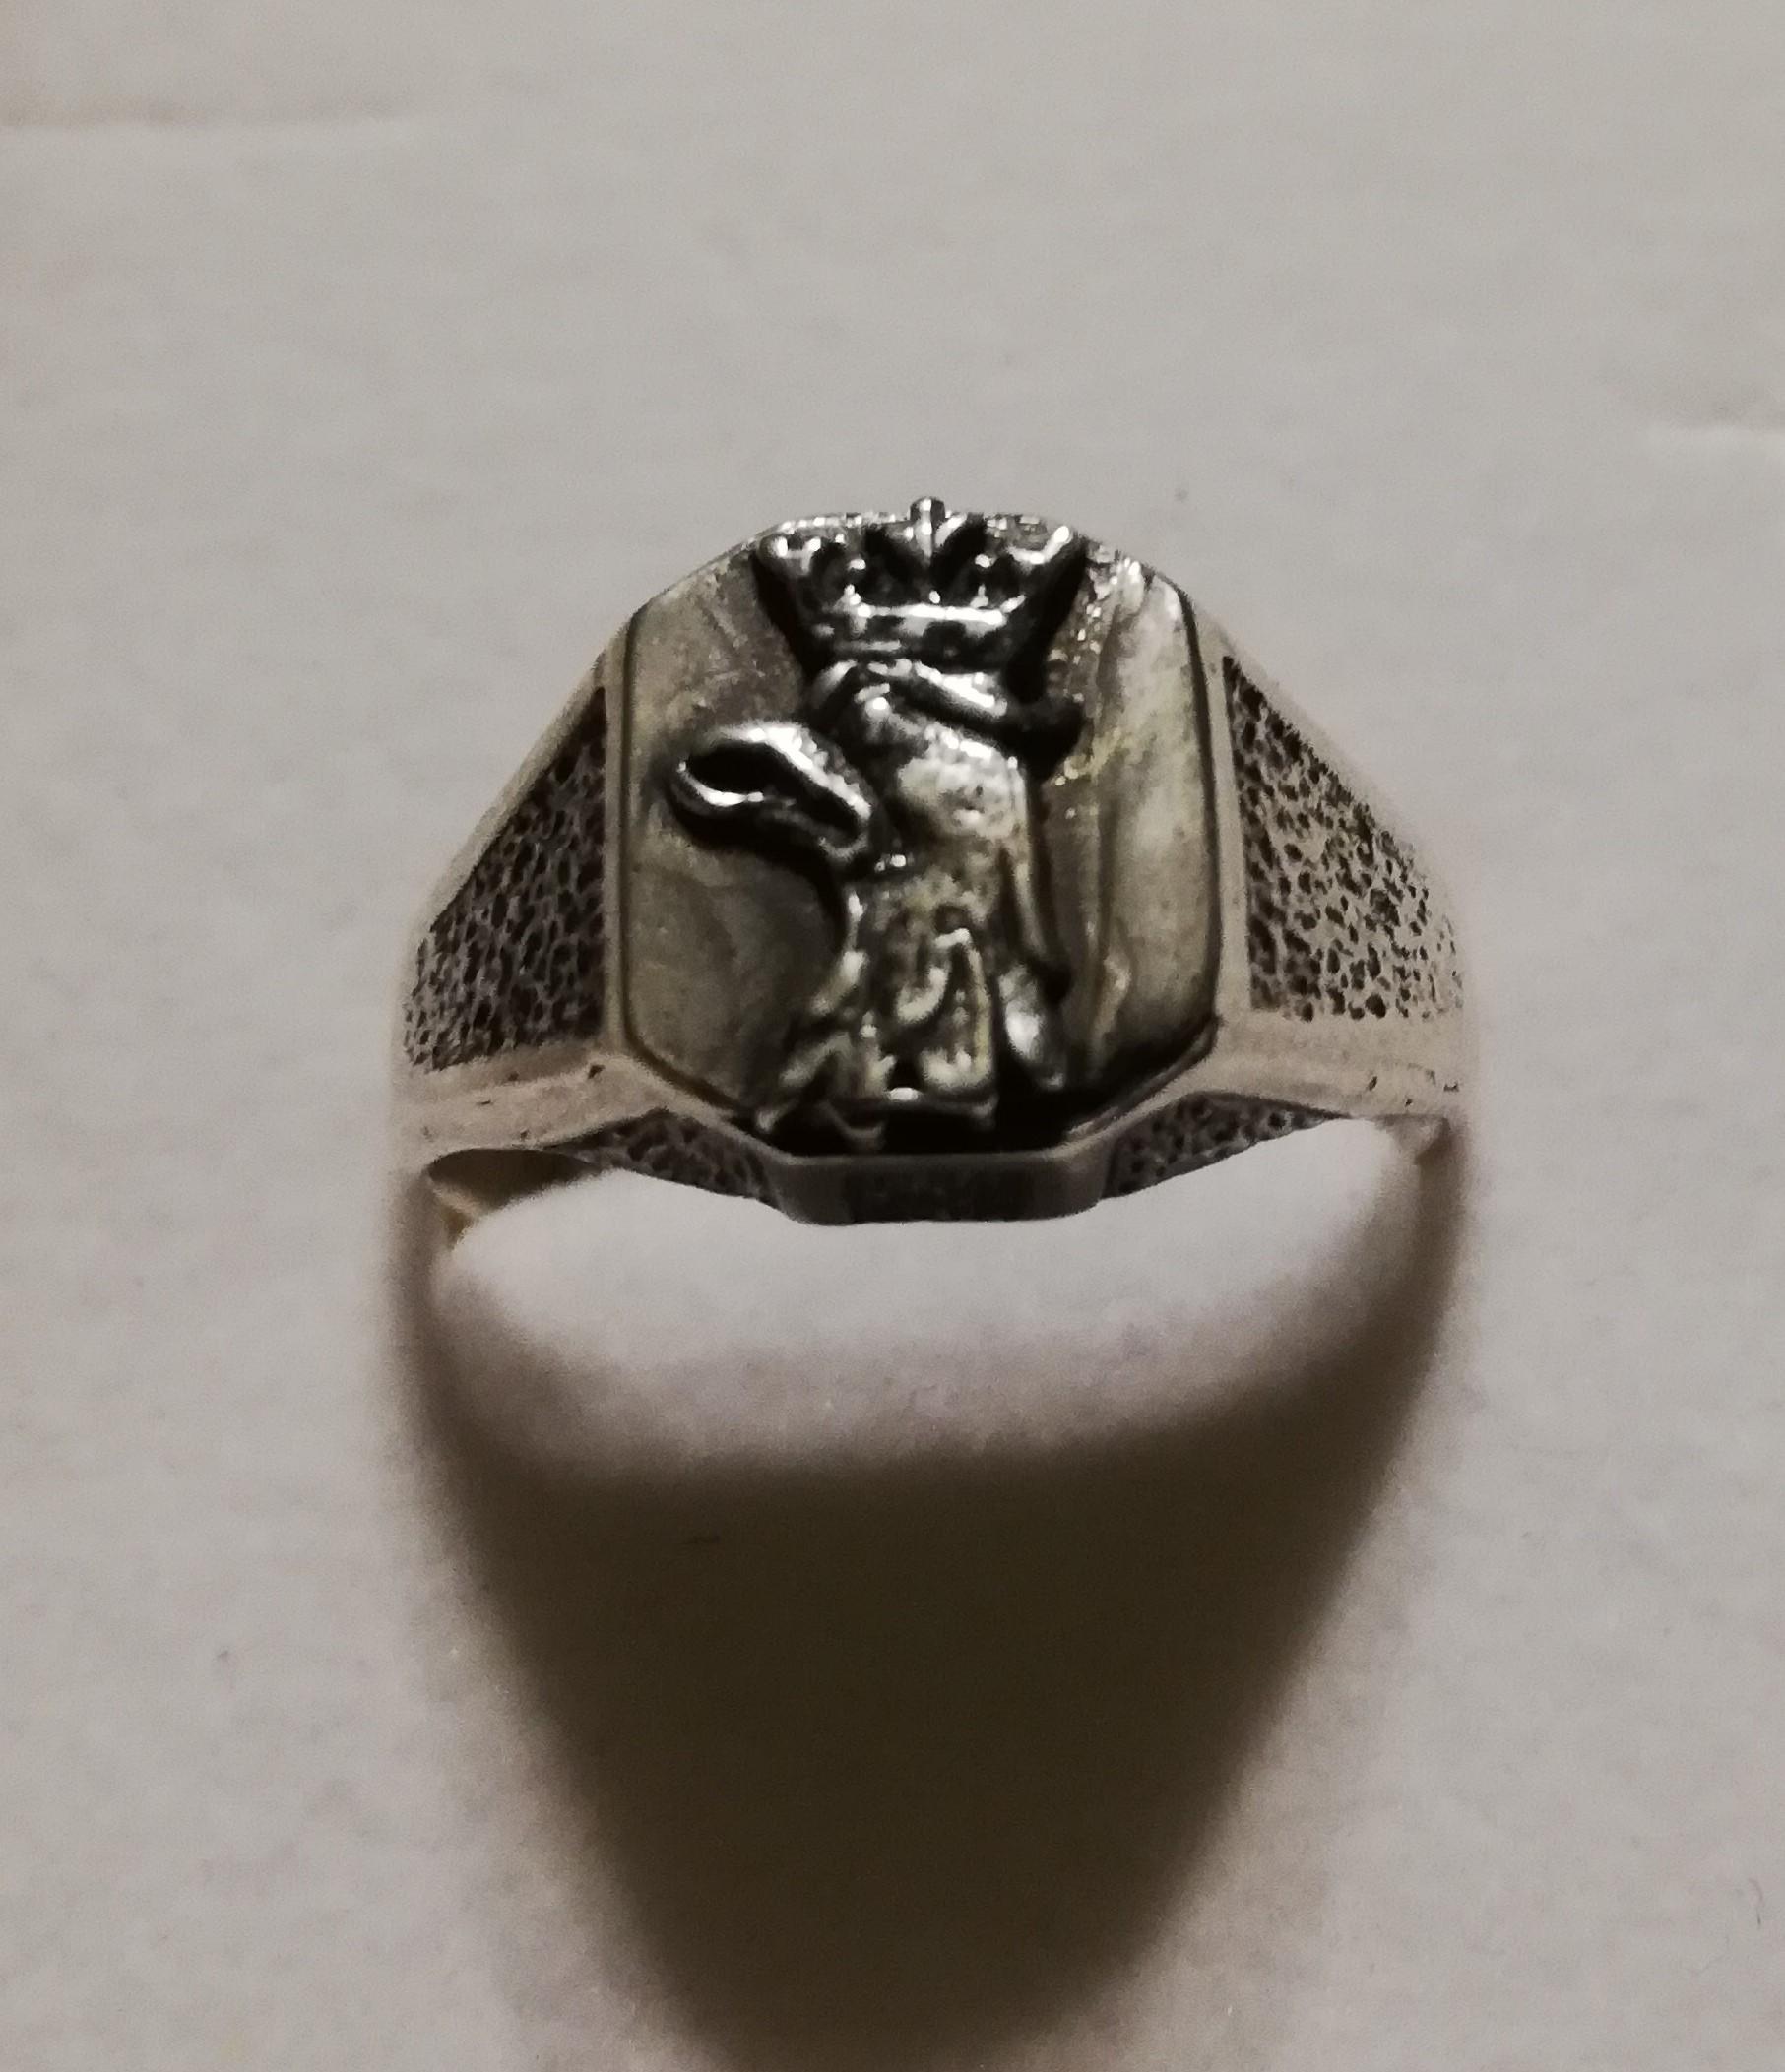 Sygnet srebrny męski w głową orła w koronie